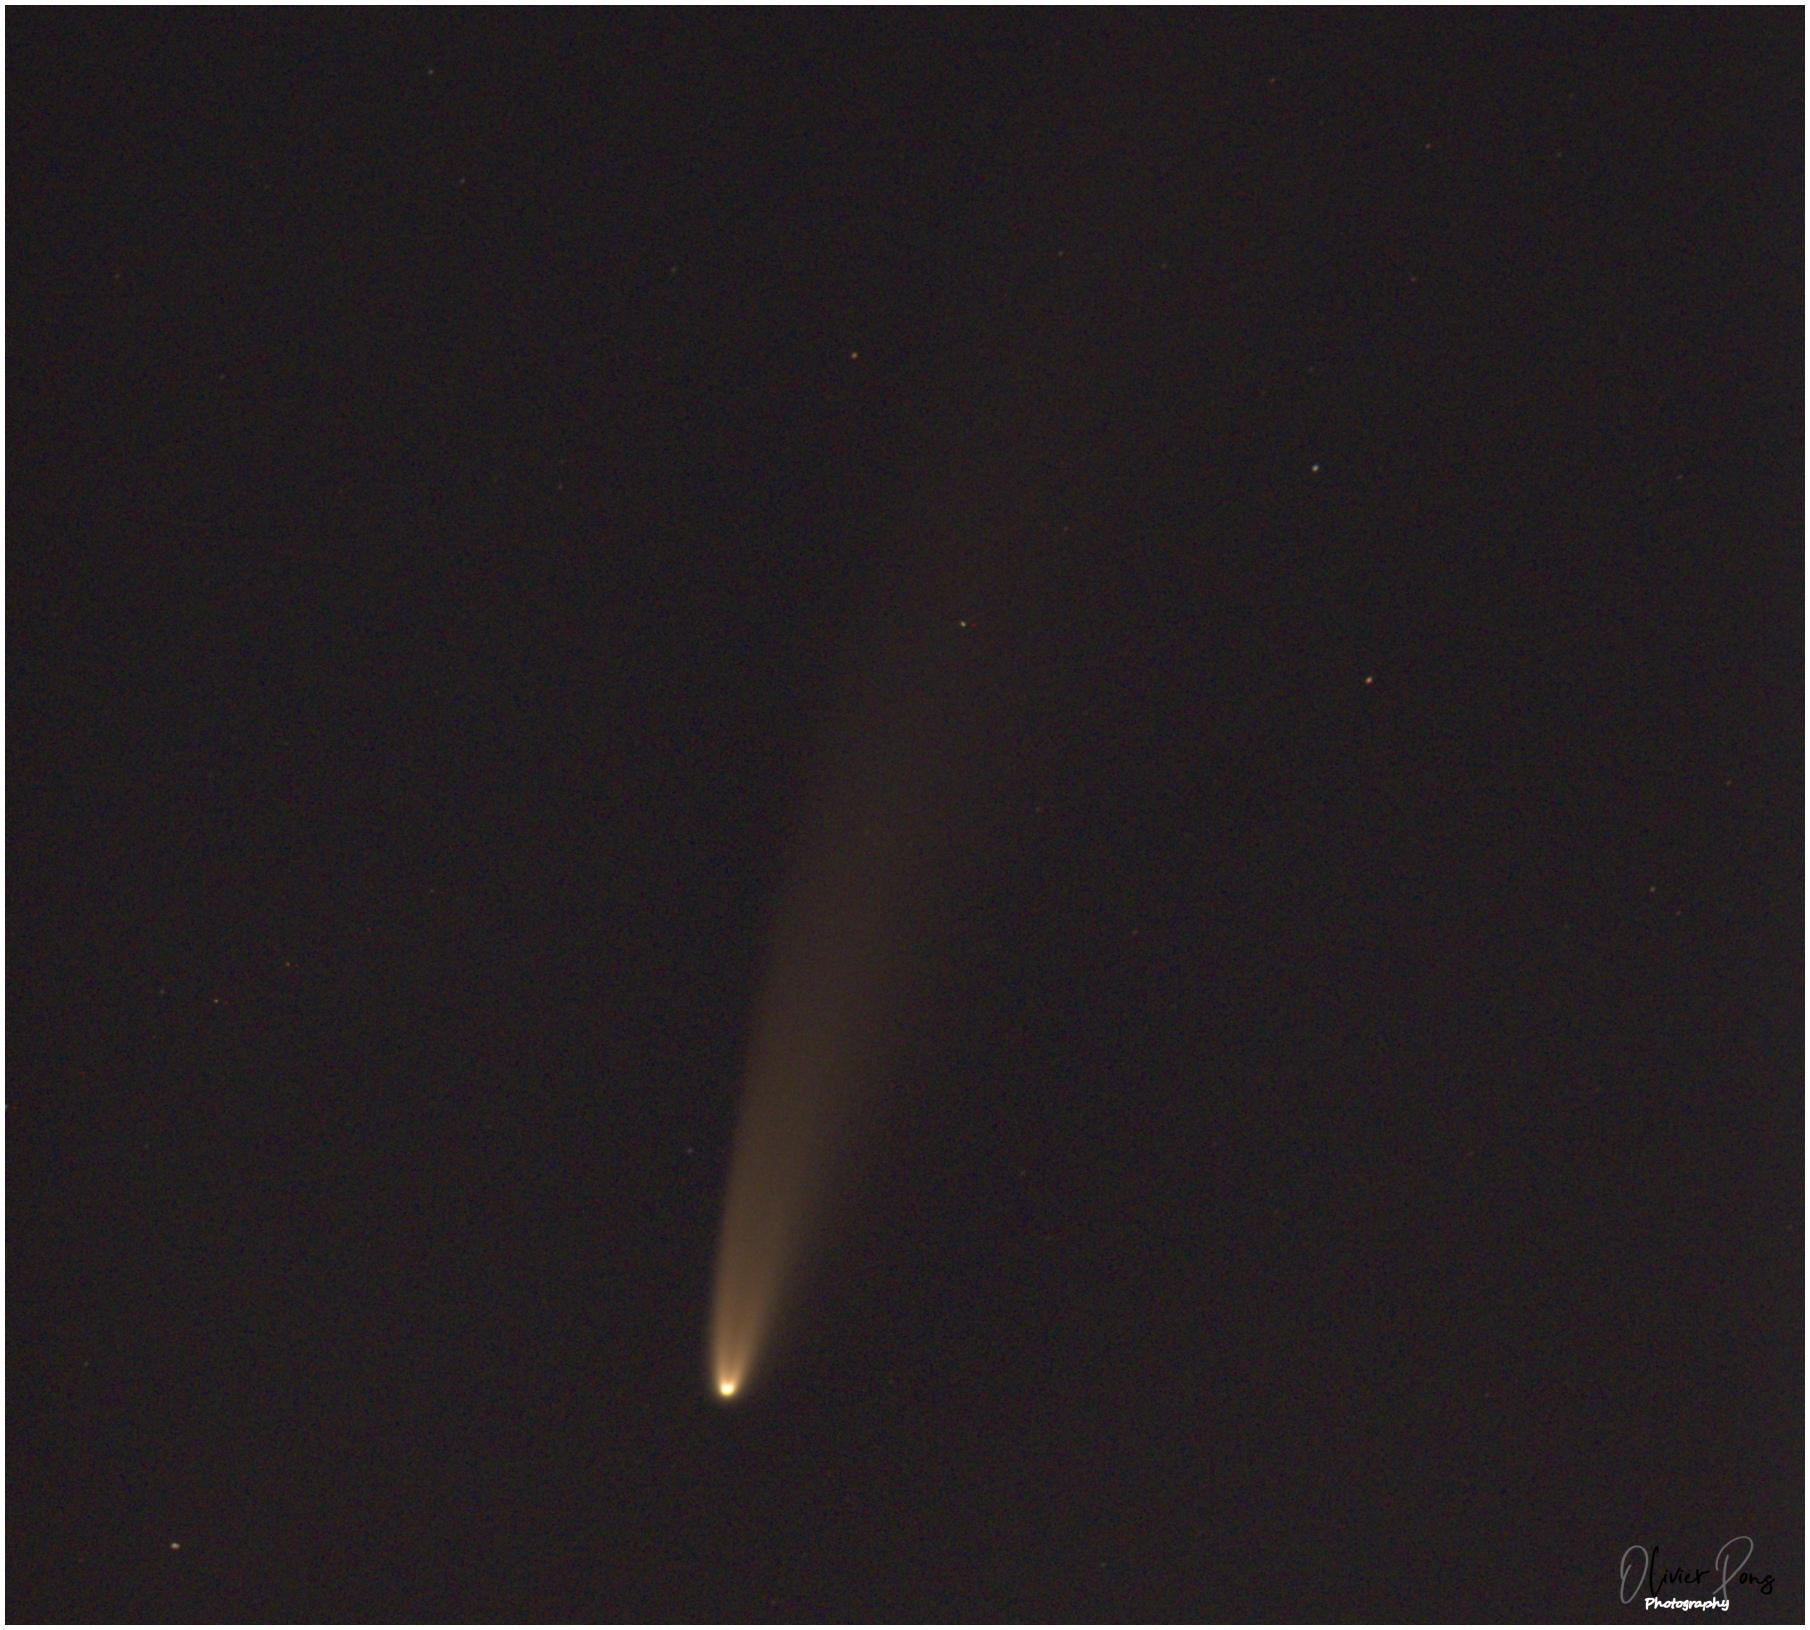 comet_20200707_2_web.jpg